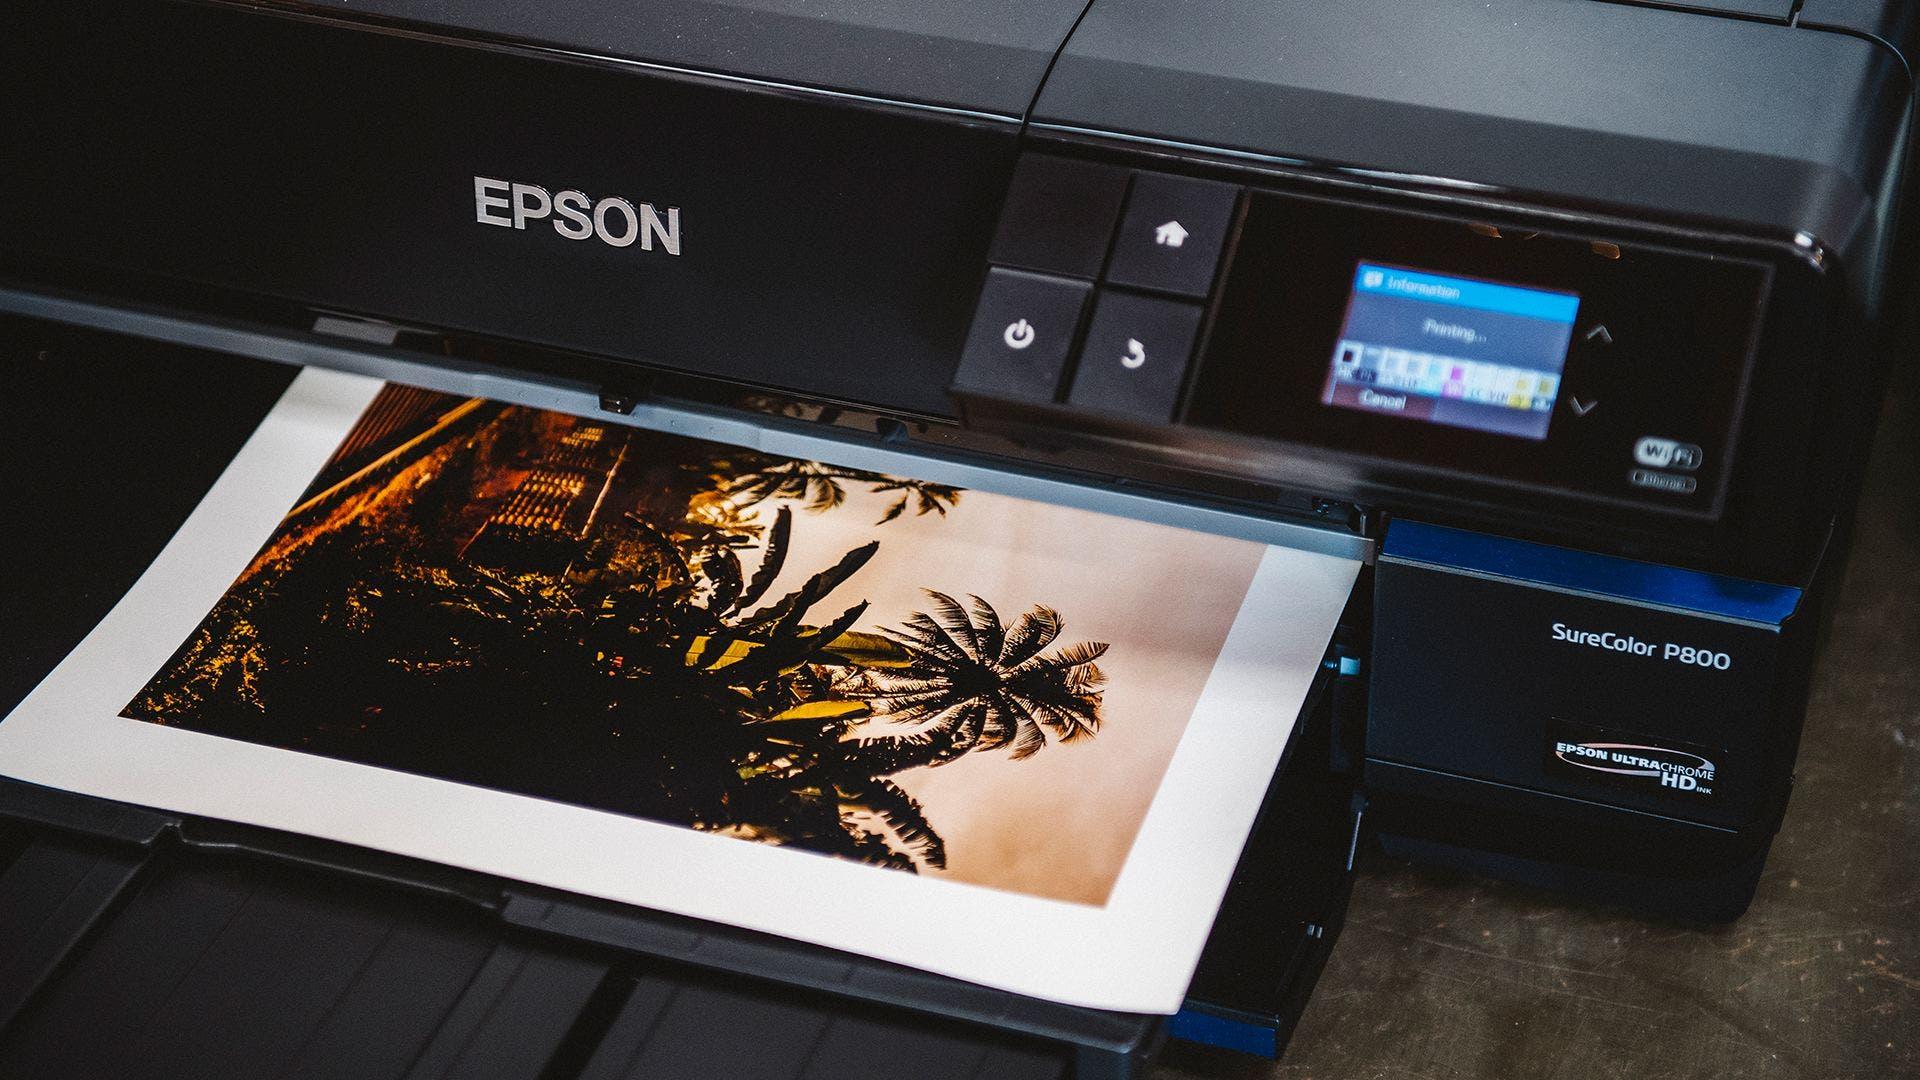 Epson Printer Error Code 0x9e - How to fix